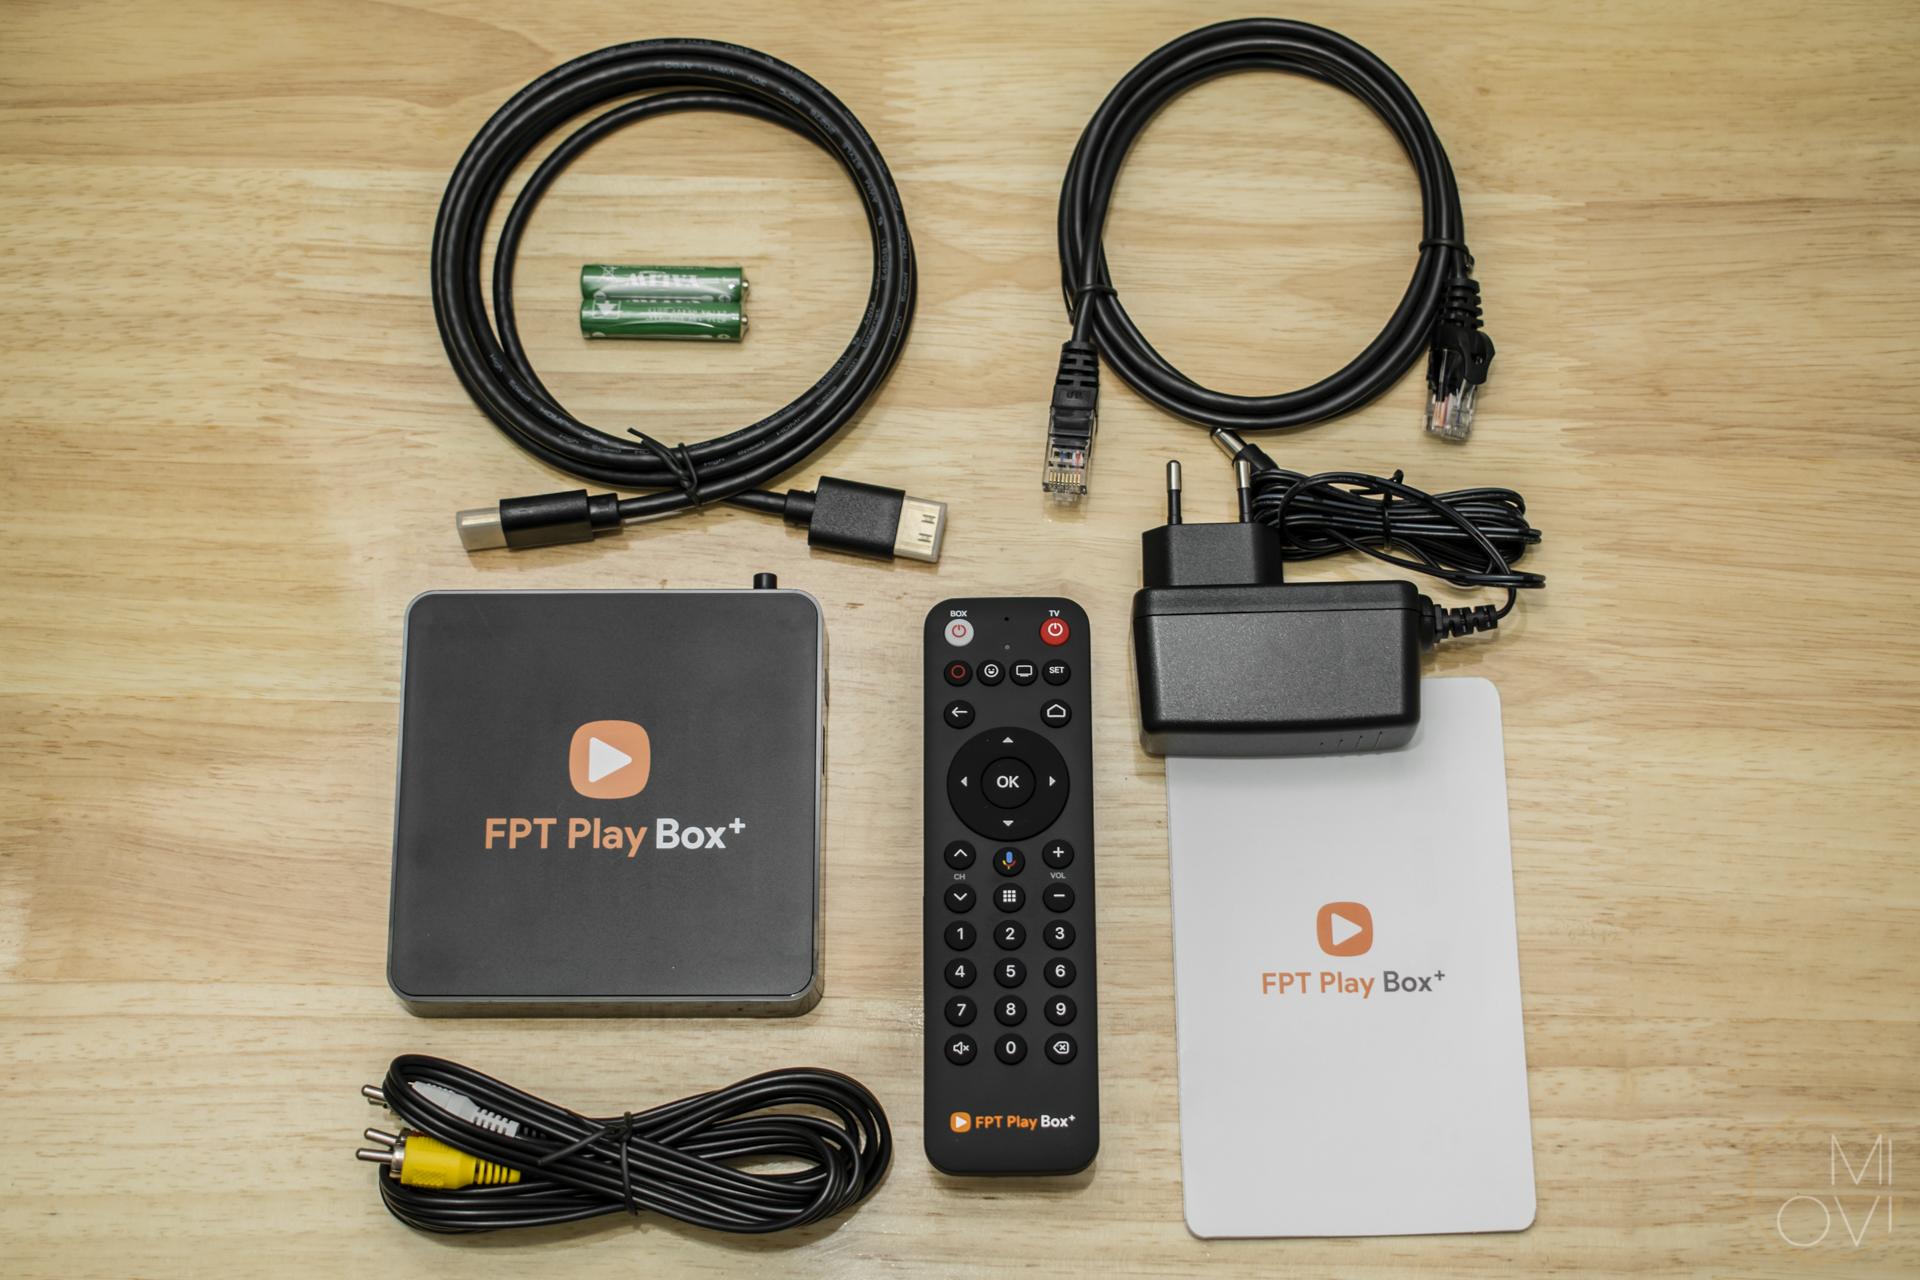 FPT Play Box 2019 - S400 - Xem không giới hạn - Hàng chính hãng